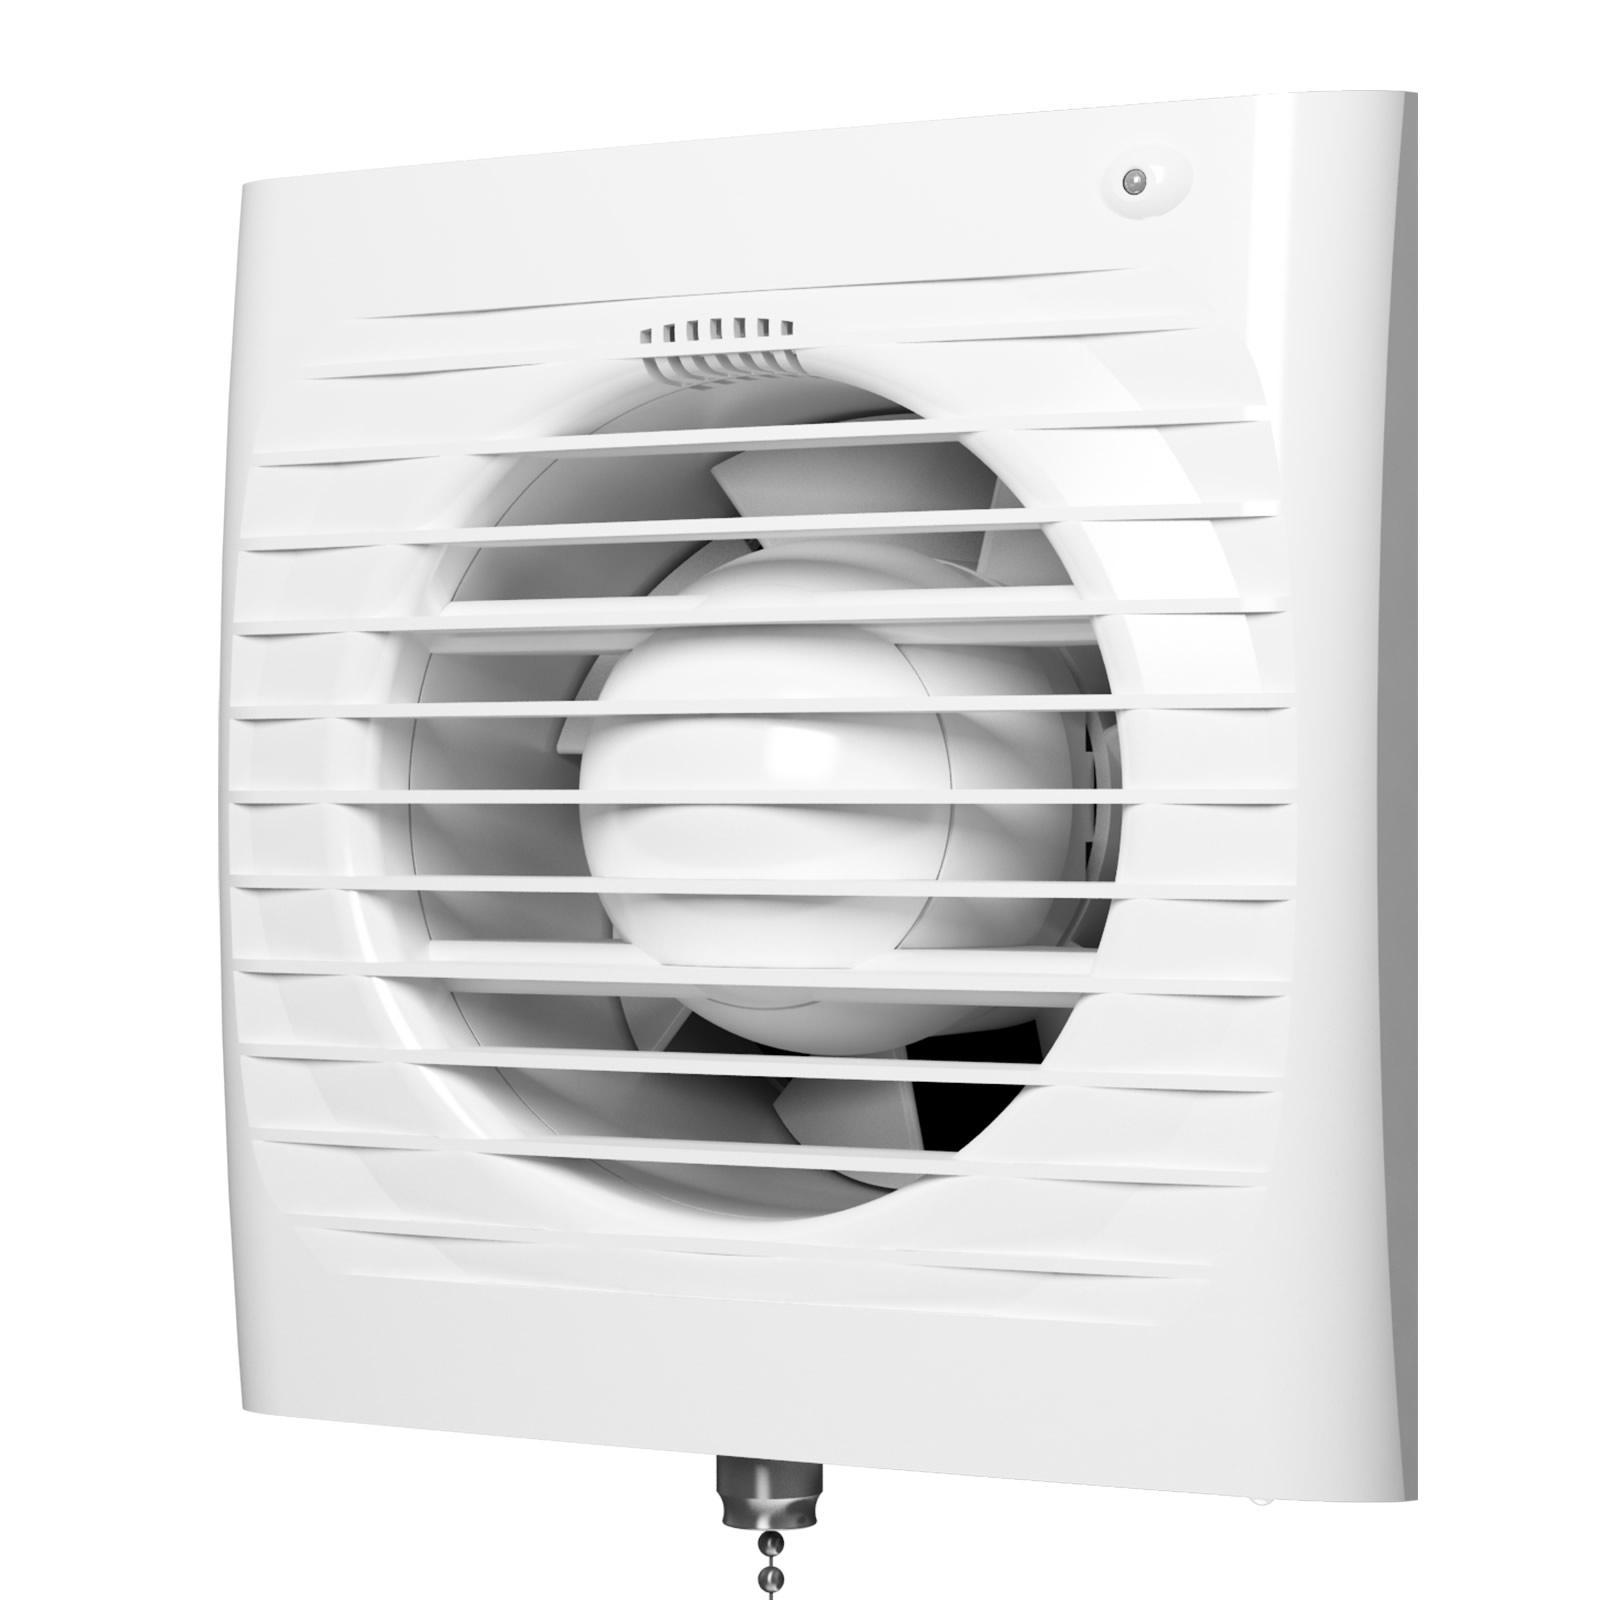 Вентилятор Era '4c-02 85 500g 4c sensor mr li